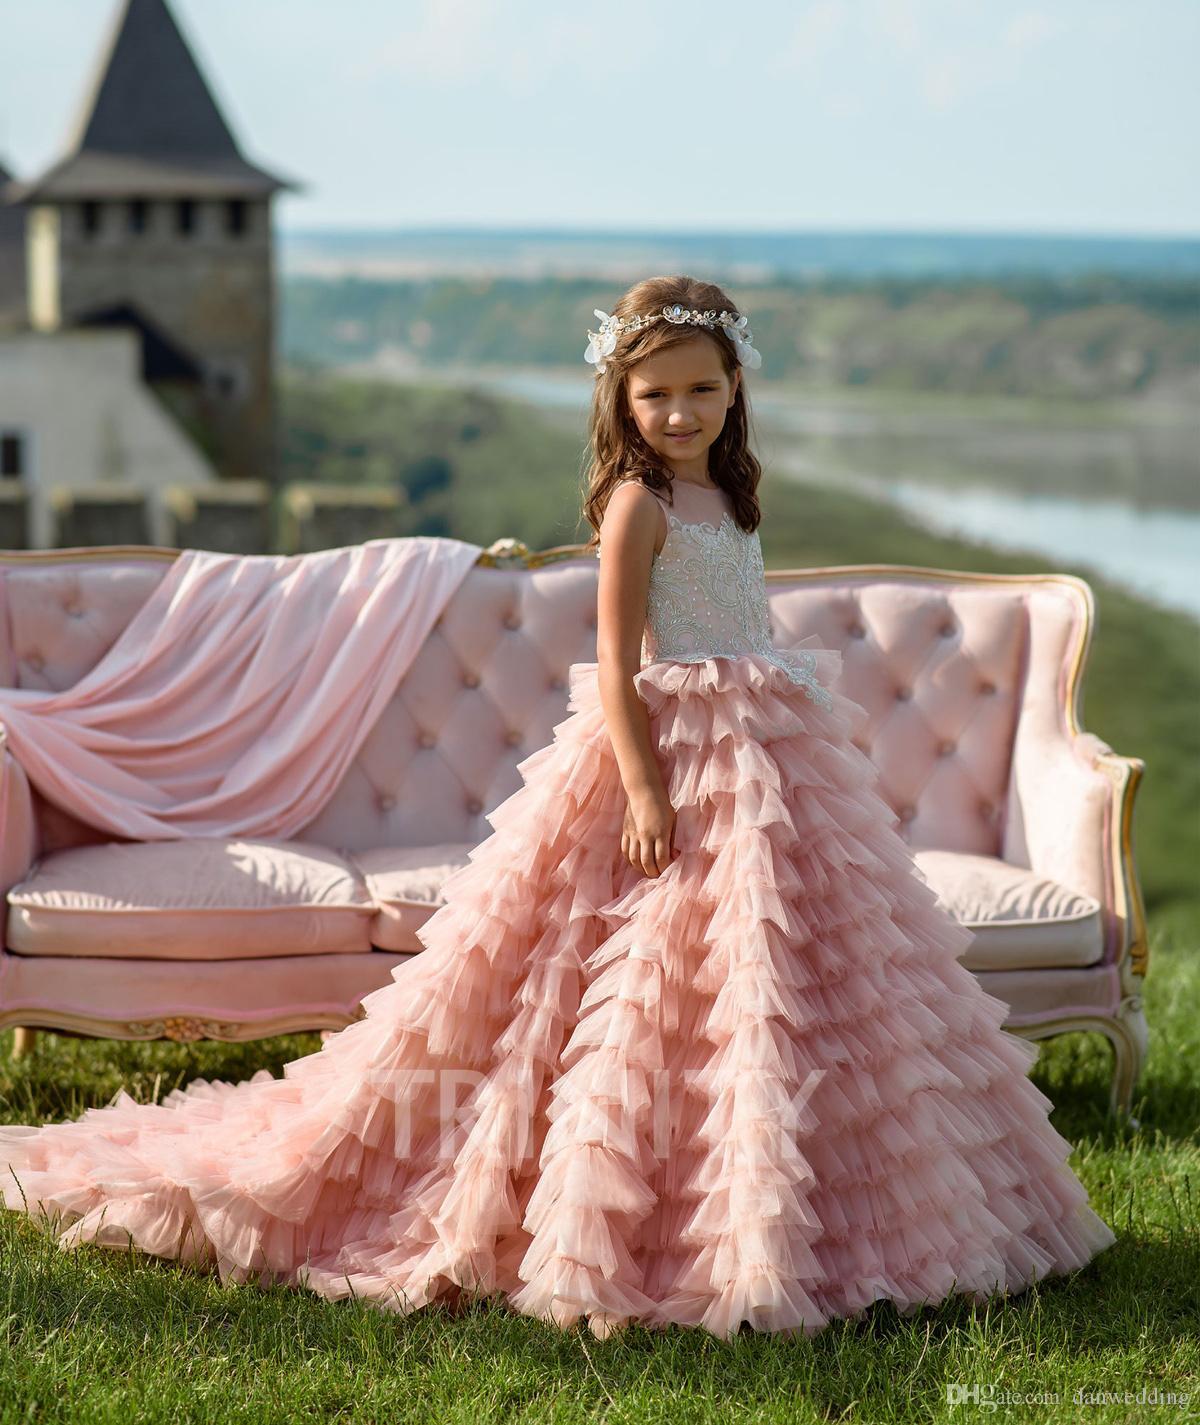 Schönheit Rosa Schichten Applique Perlen Mädchen Festzug Kleider Blumenmädchenkleider Feiertage / Geburtstag Rock Prinzessin Rock Benutzerdefinierte Größe 2-14 F113167